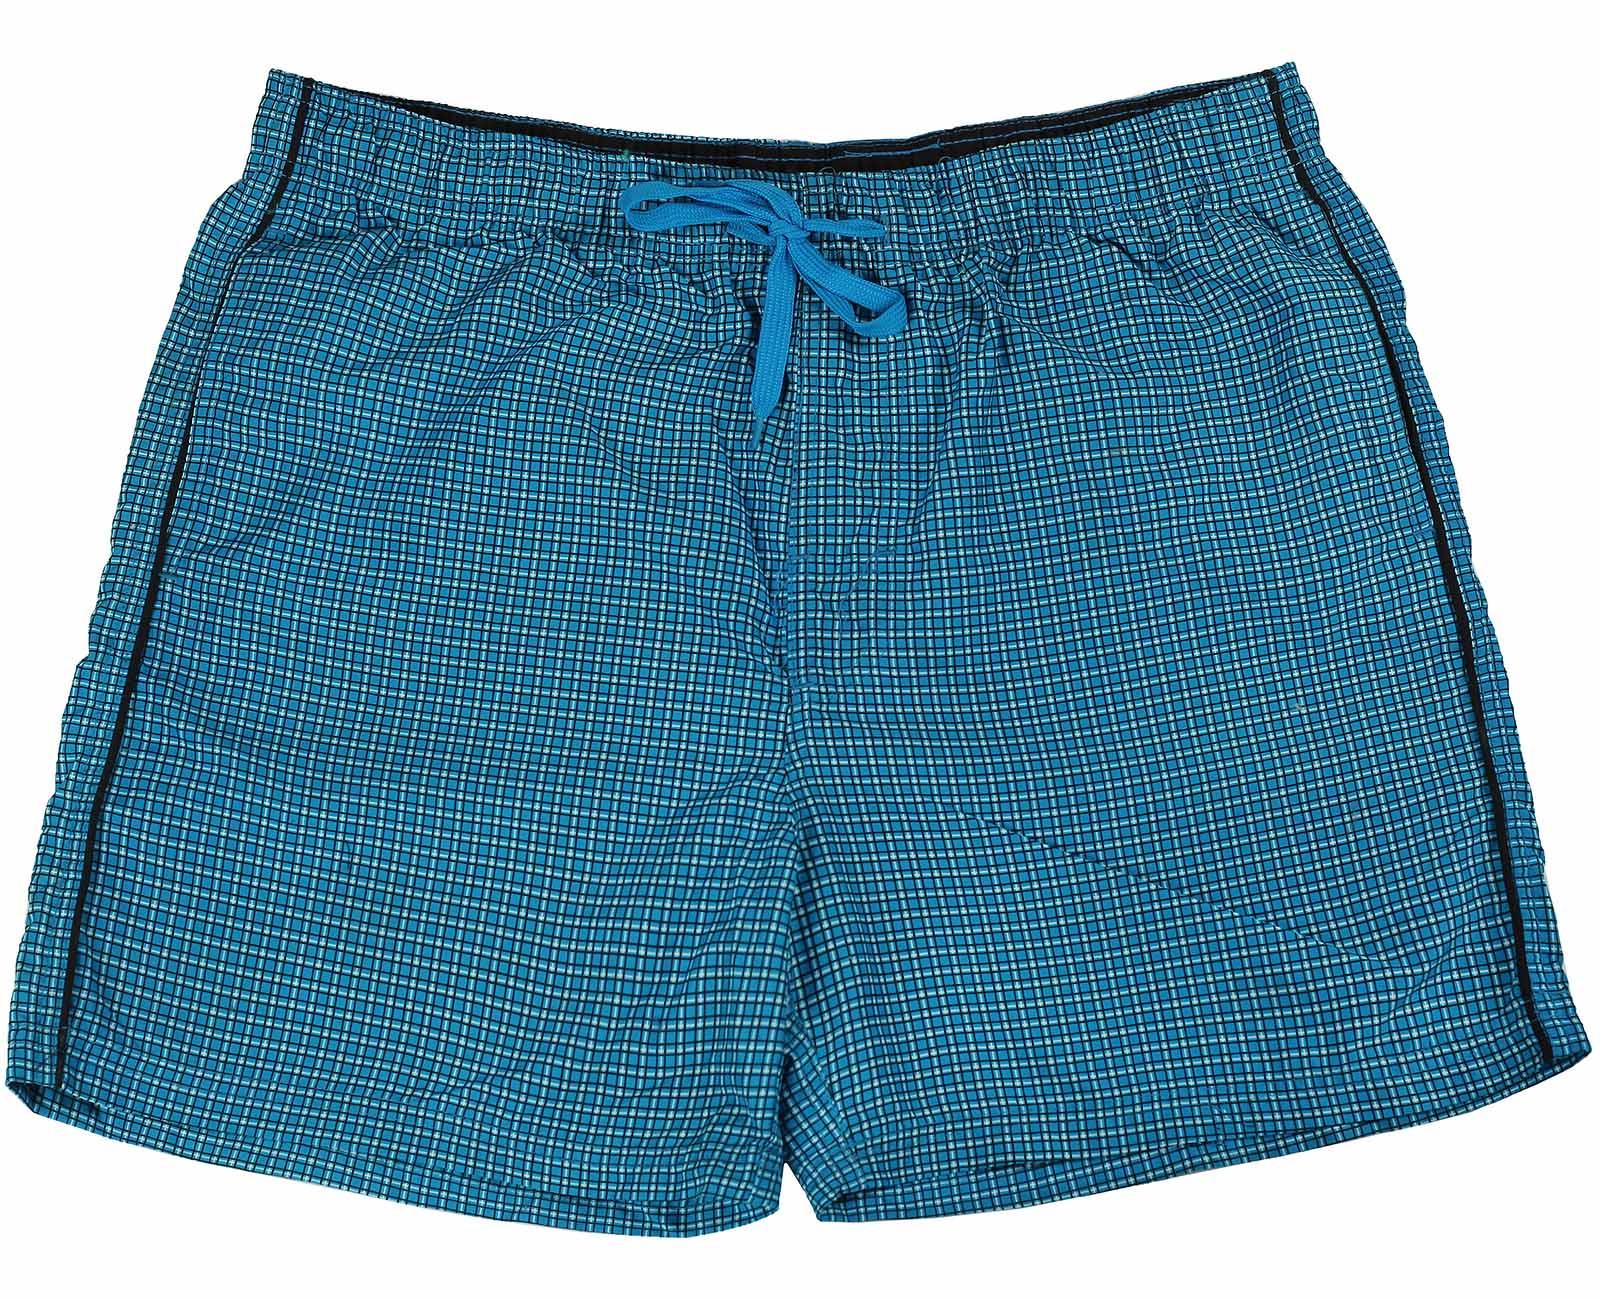 Мужские шорты в мелкую клетку  - купить в интернет-магазине с доставкой